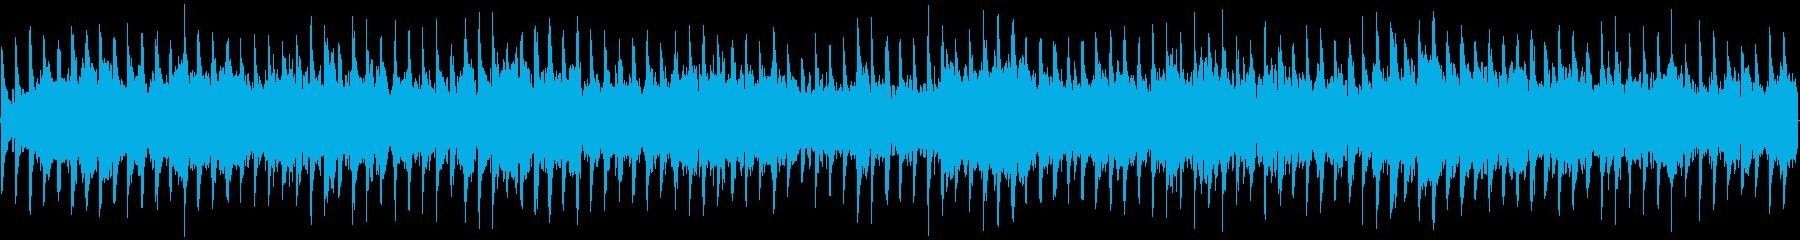 神秘的なシンセ主体ループ楽曲の再生済みの波形